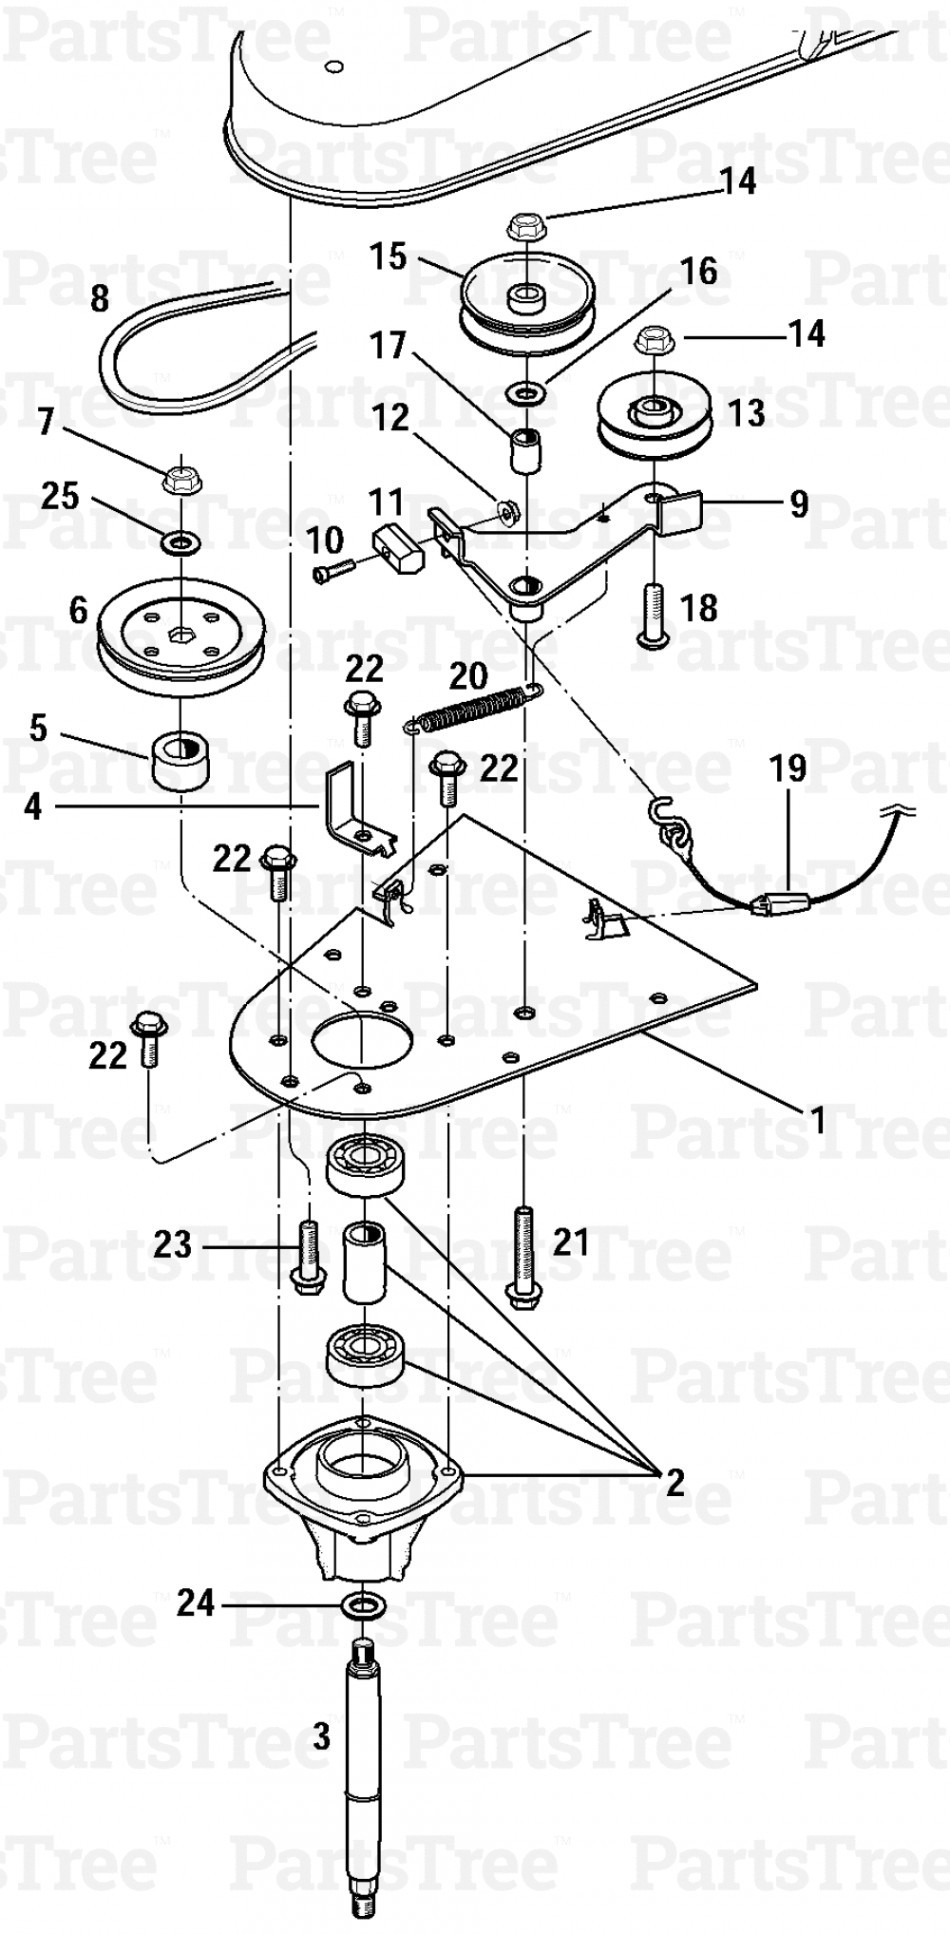 Woods Mower Parts Diagrams Troy Bilt Lawn Mower Parts Diagram Woods Mower Electrical Diagram